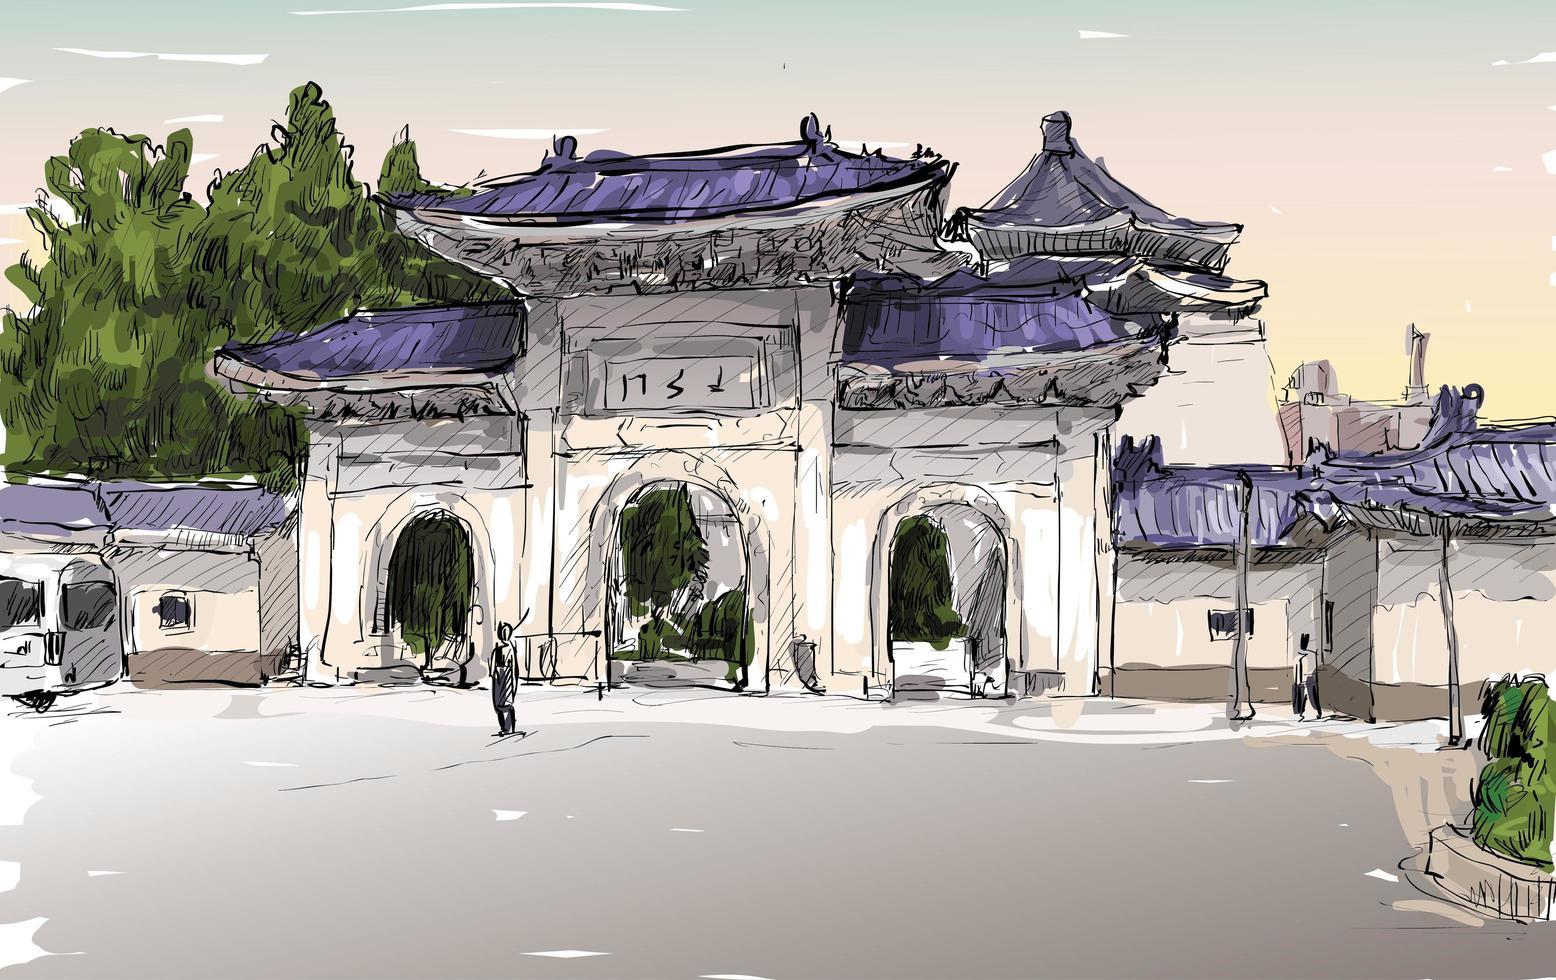 schizzo a colori di un paesaggio urbano asiatico vettore